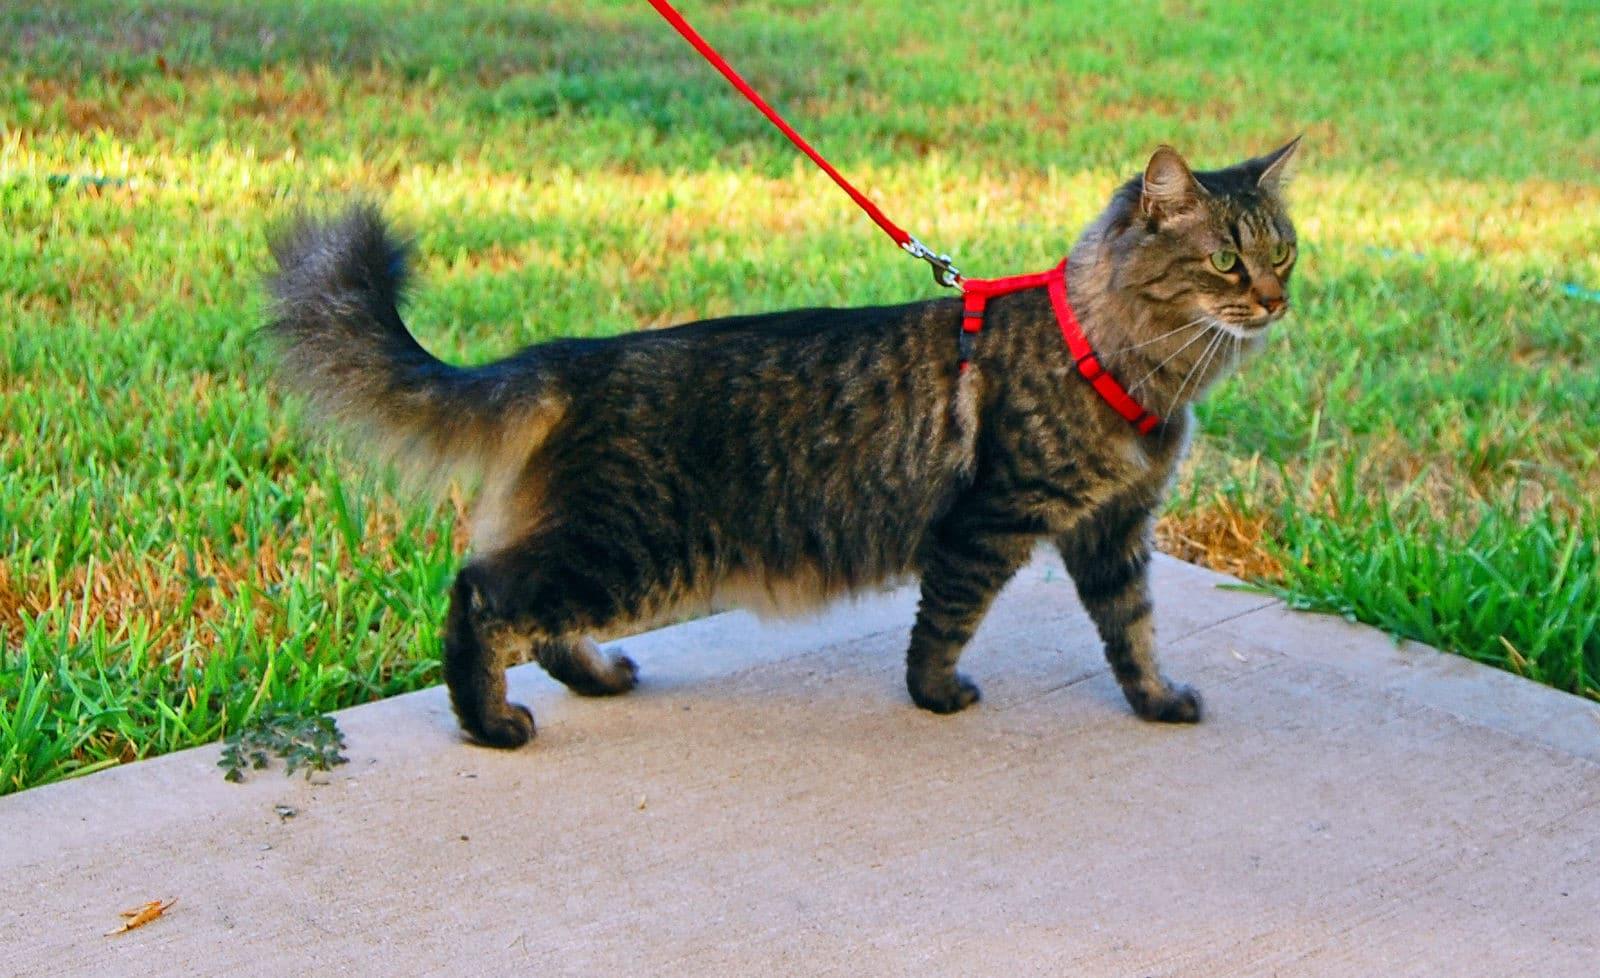 Saca a tu gato a pasear por zonas tranquilas